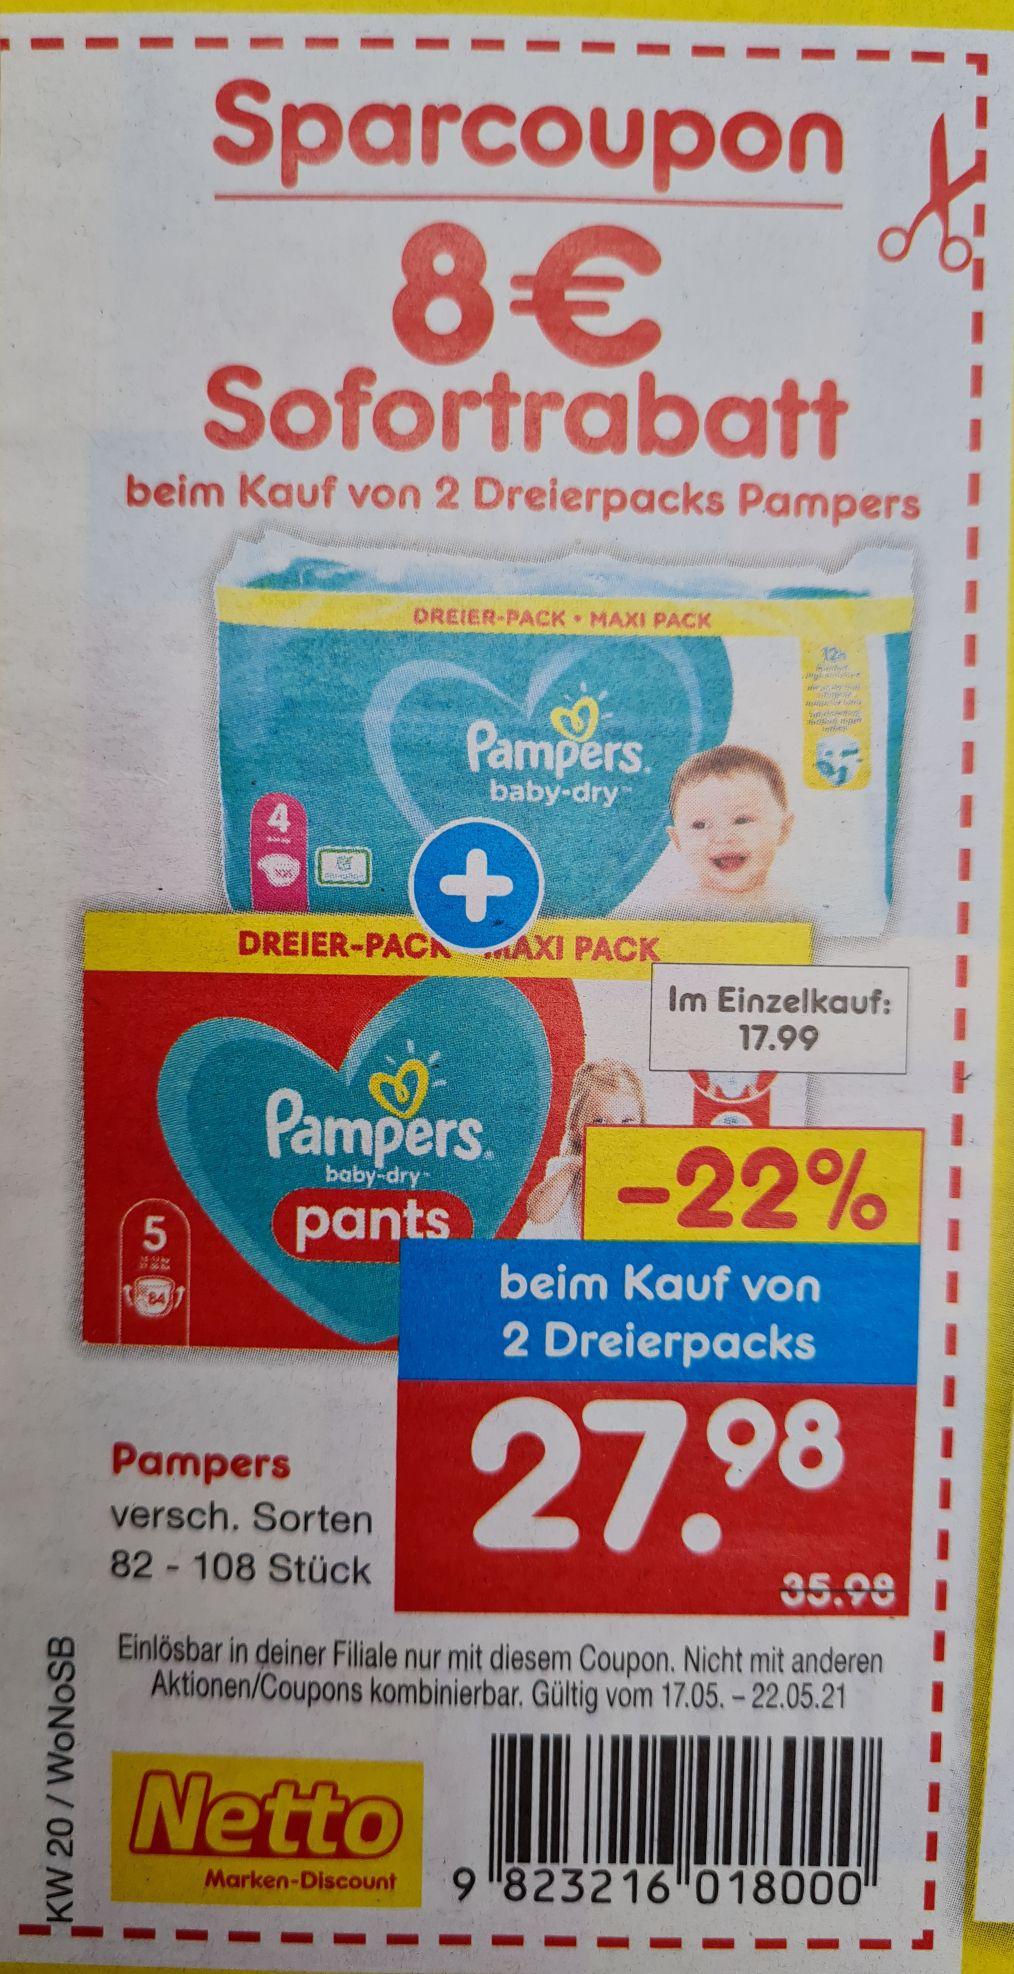 8 Euro SofortRabatt beim Kauf von 2 Dreierpack Pampers ab 17.05 Netto MD